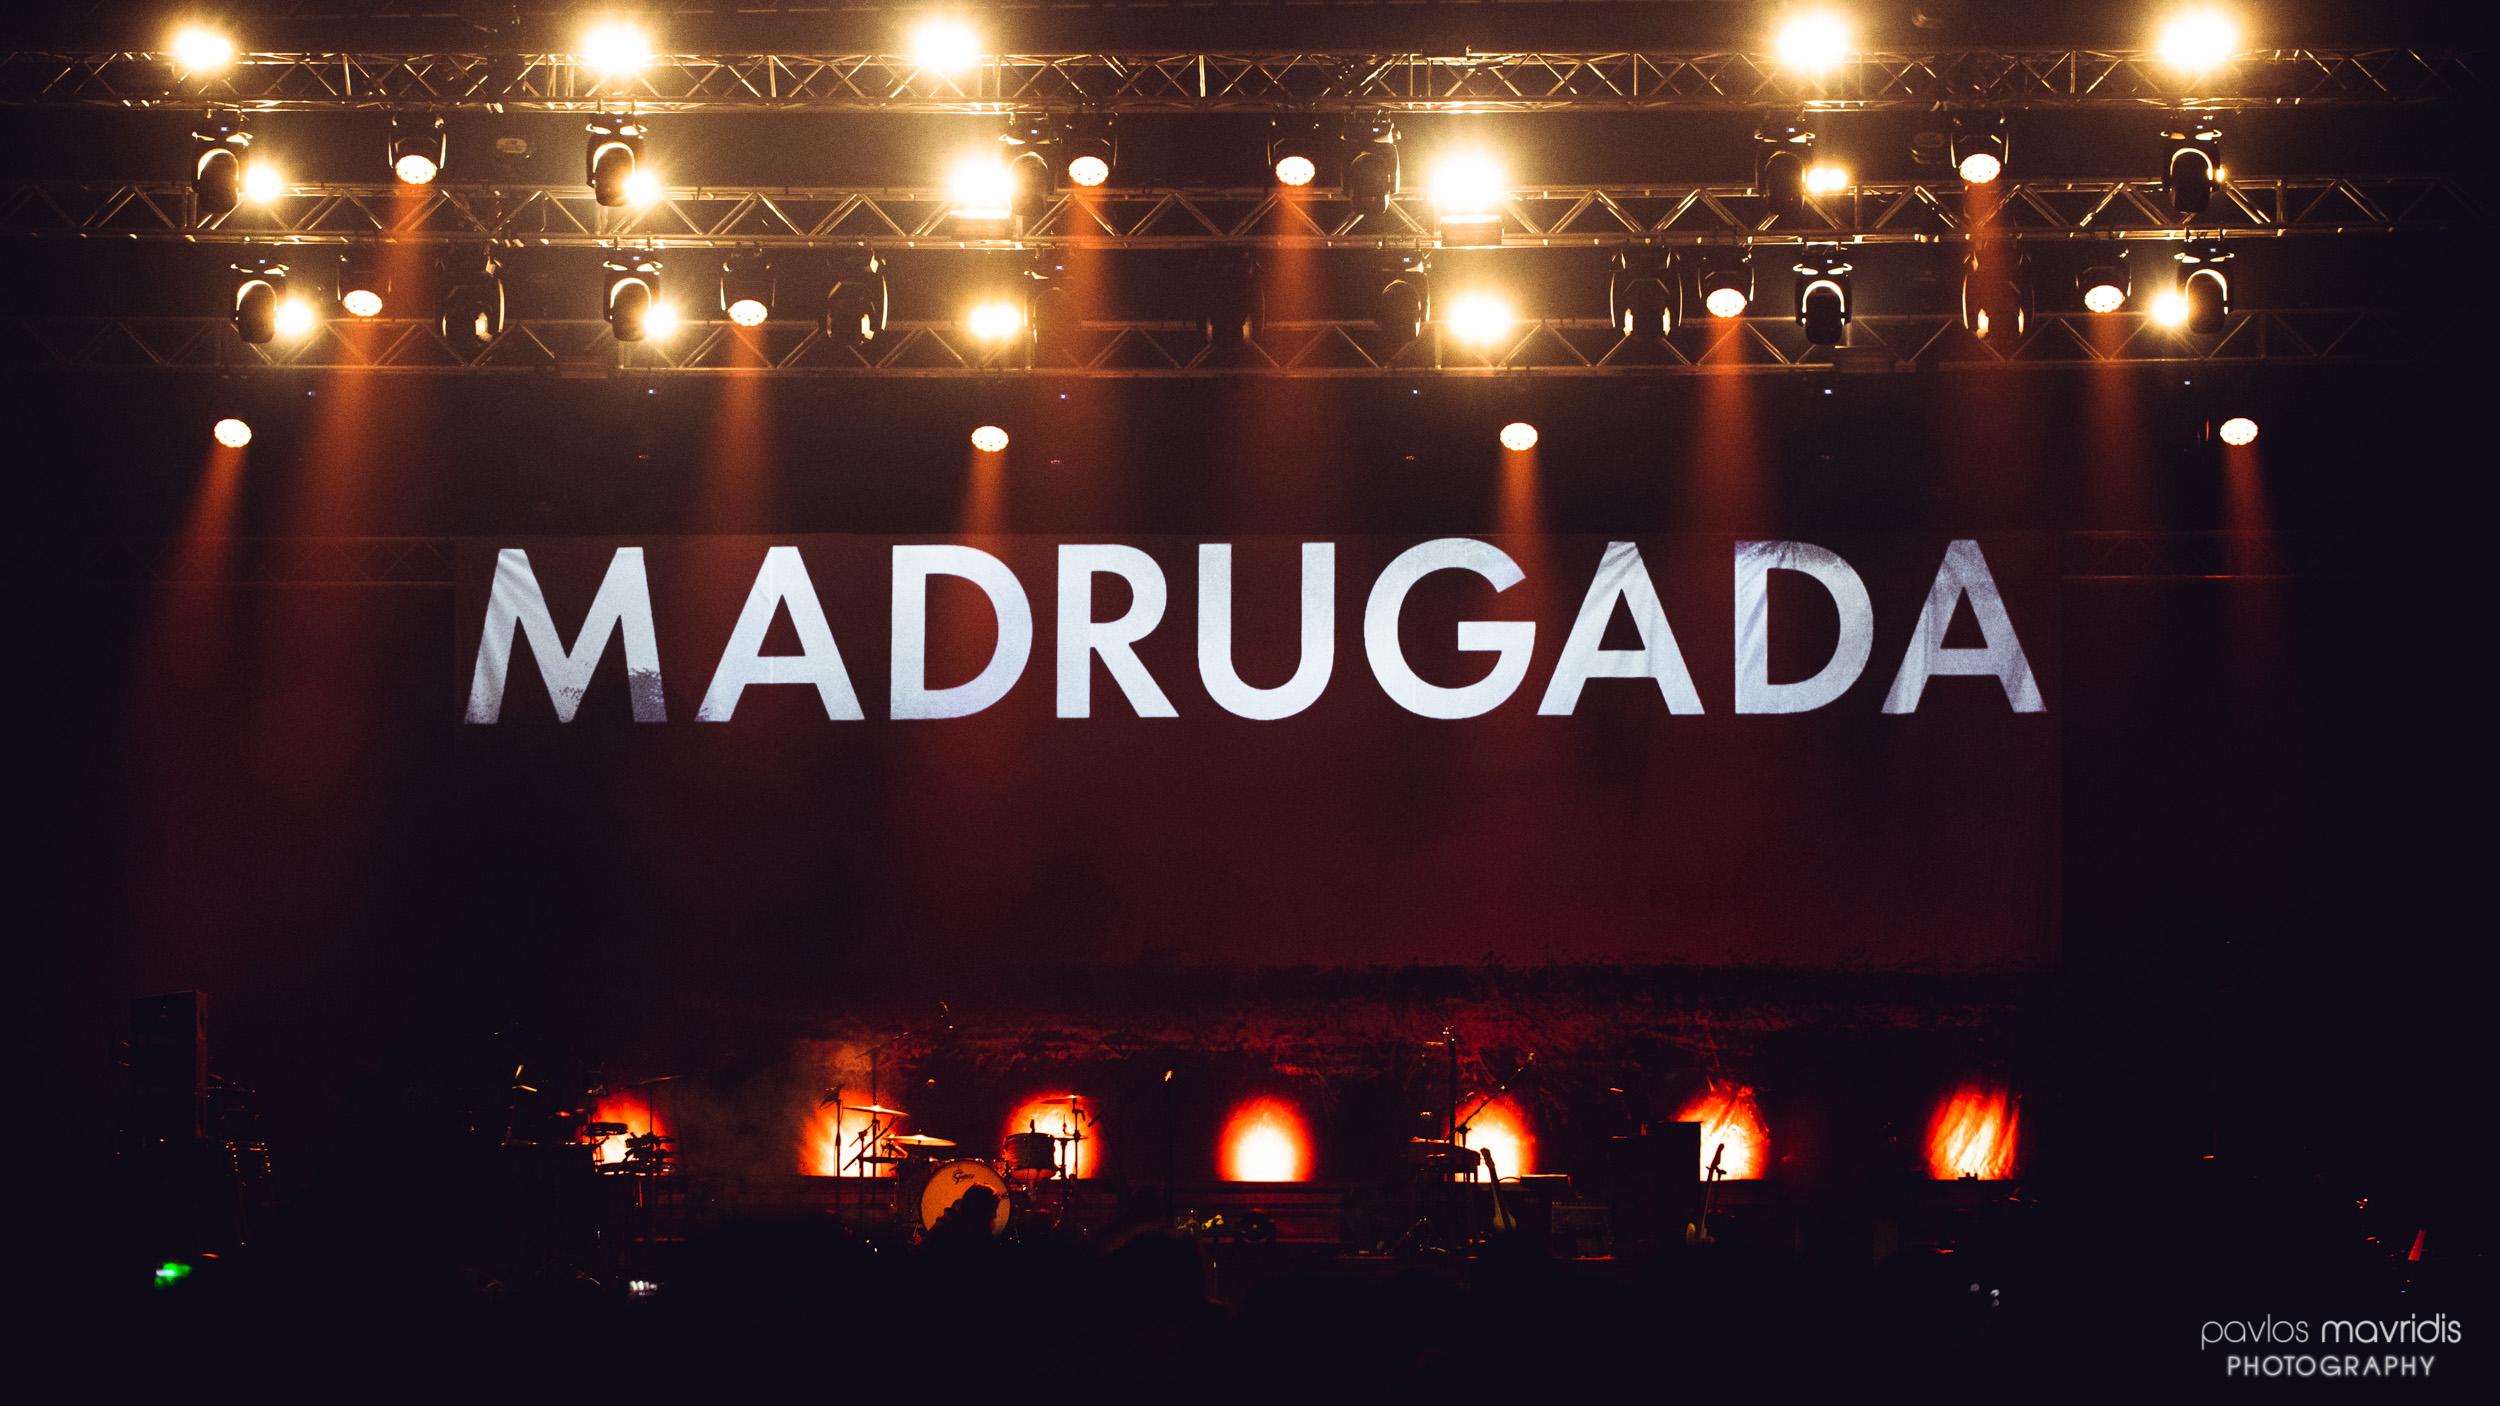 Madrugada_21_hires_web.jpg